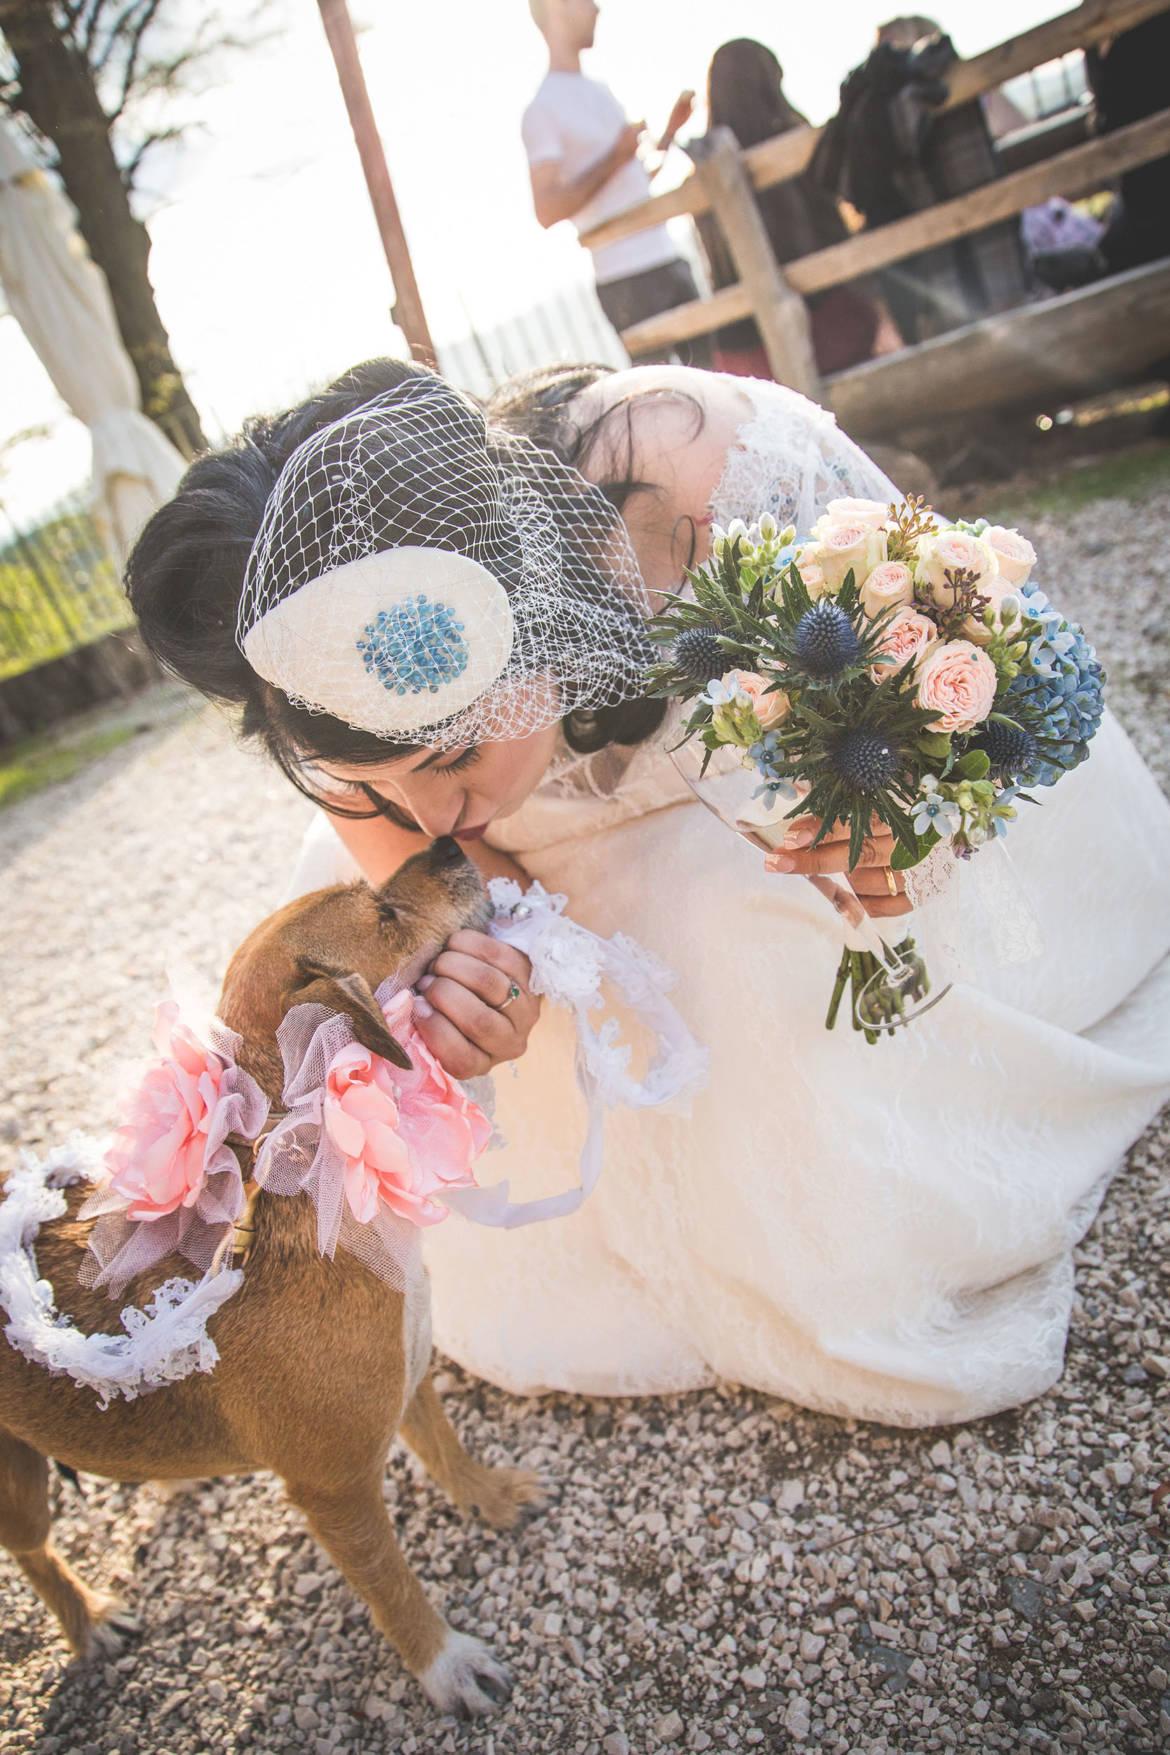 Matrimonio-Licia-e-Max-31.jpg